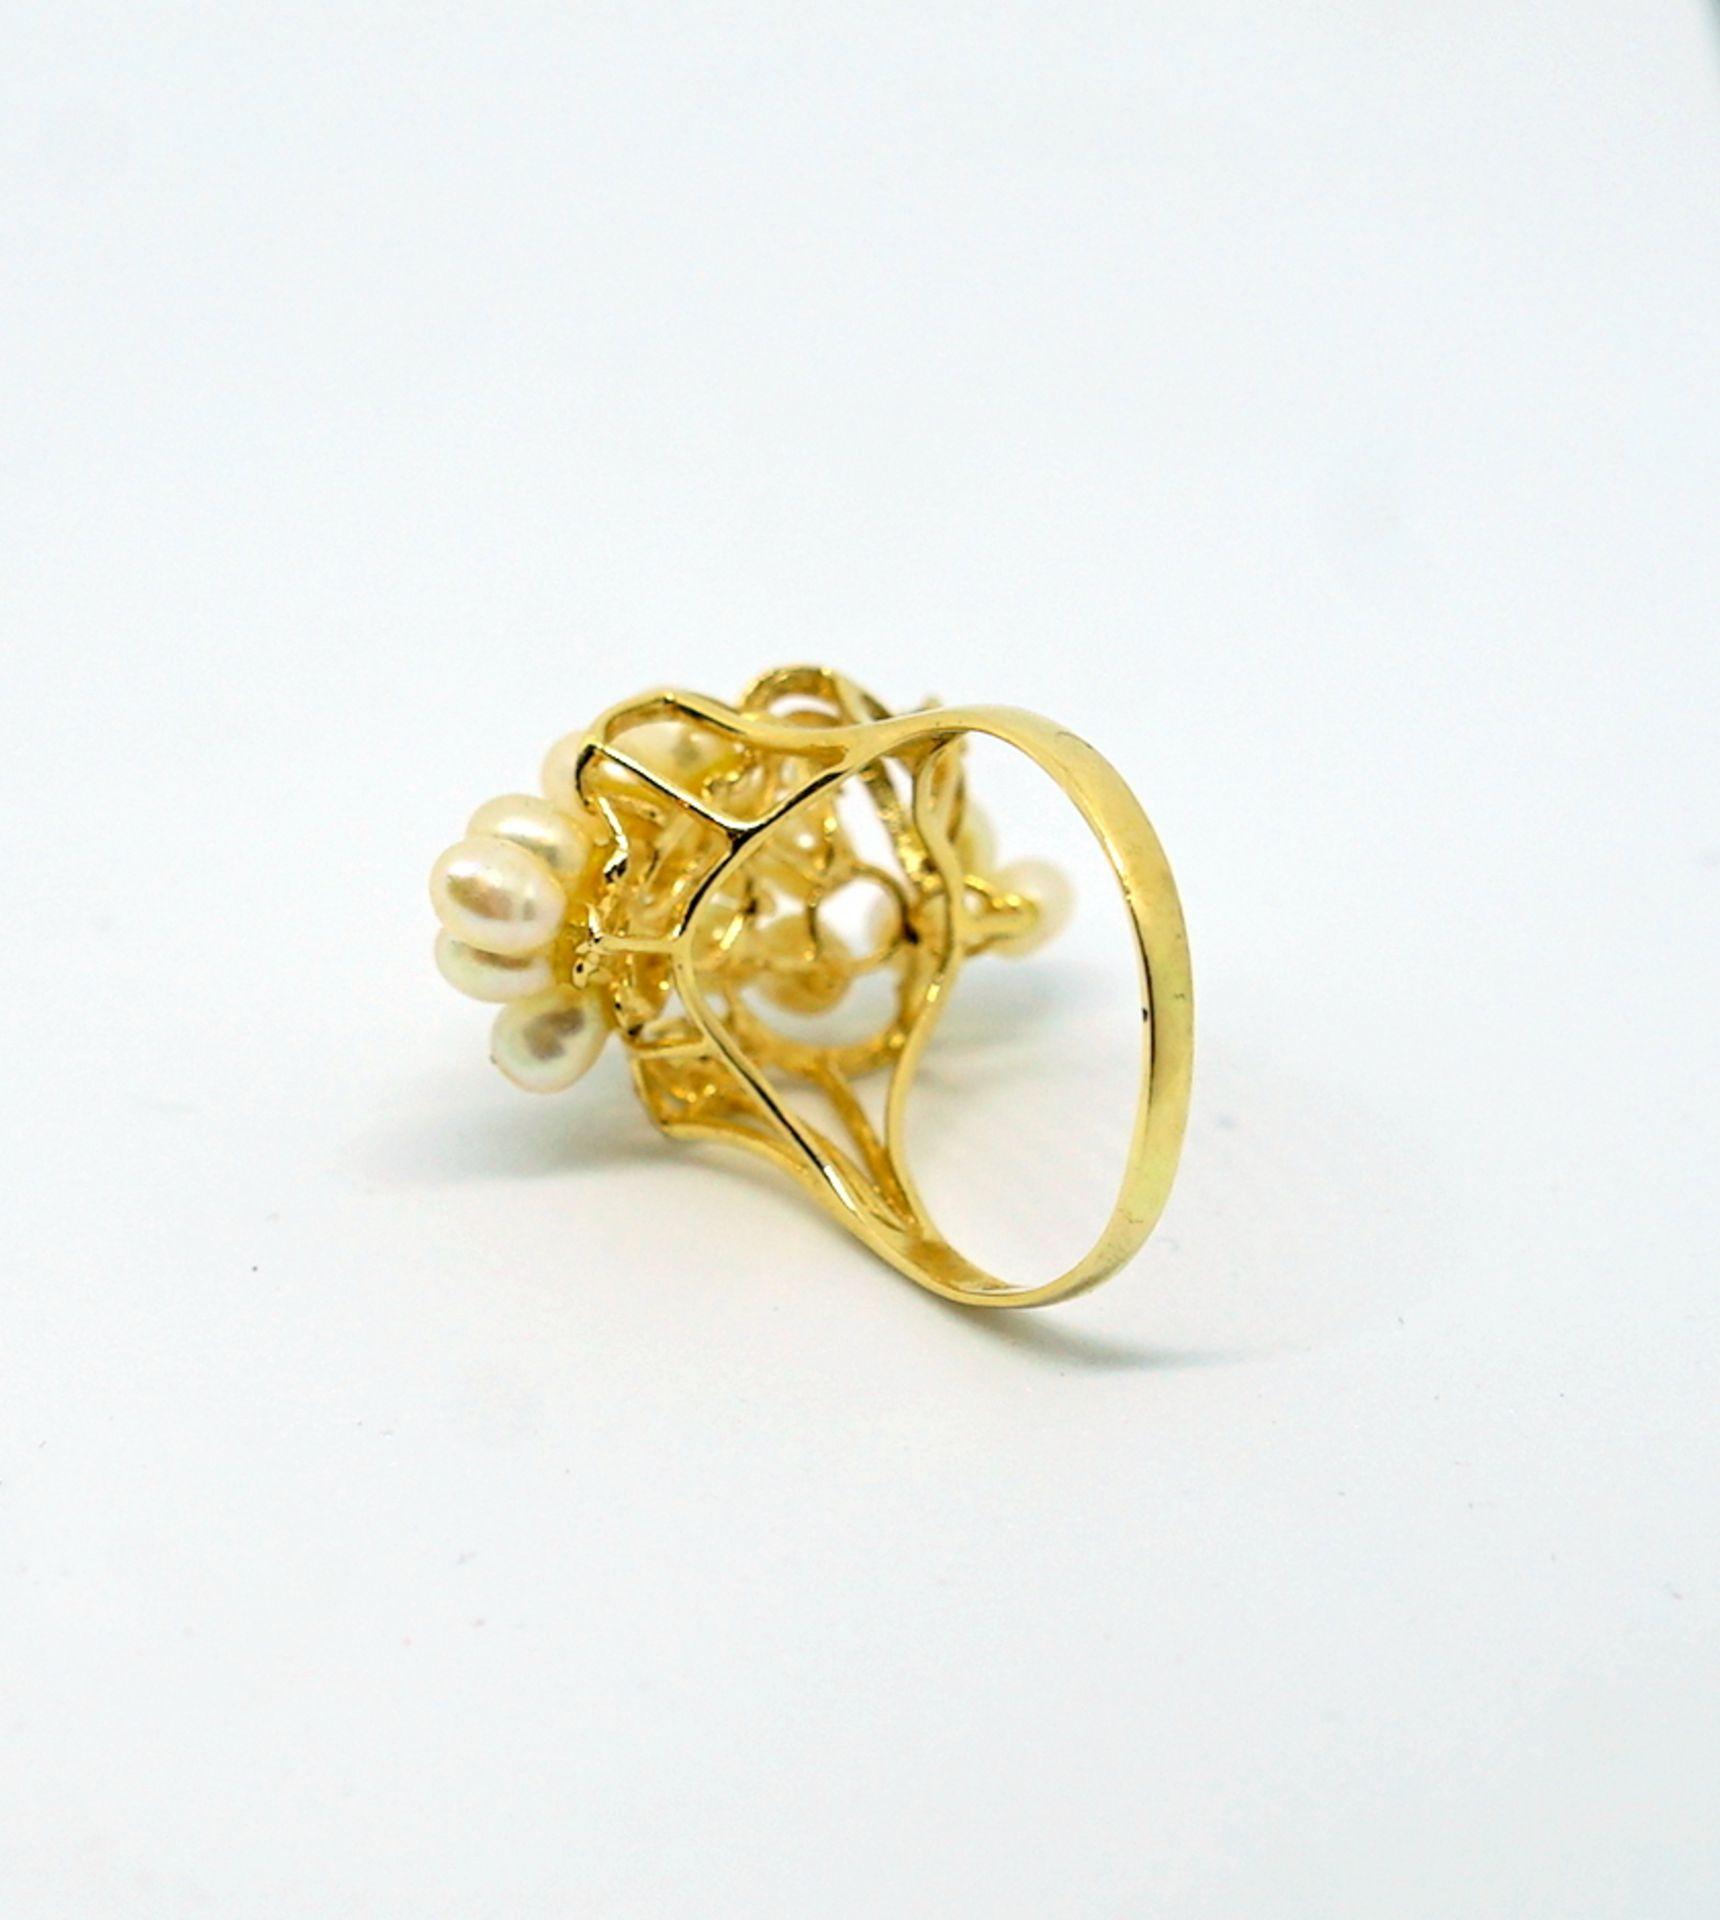 Feiner Perlenring14 K Gelbgold. Prächtiger Damenring besetzt mit kleinen Perlen, flan - Image 2 of 4